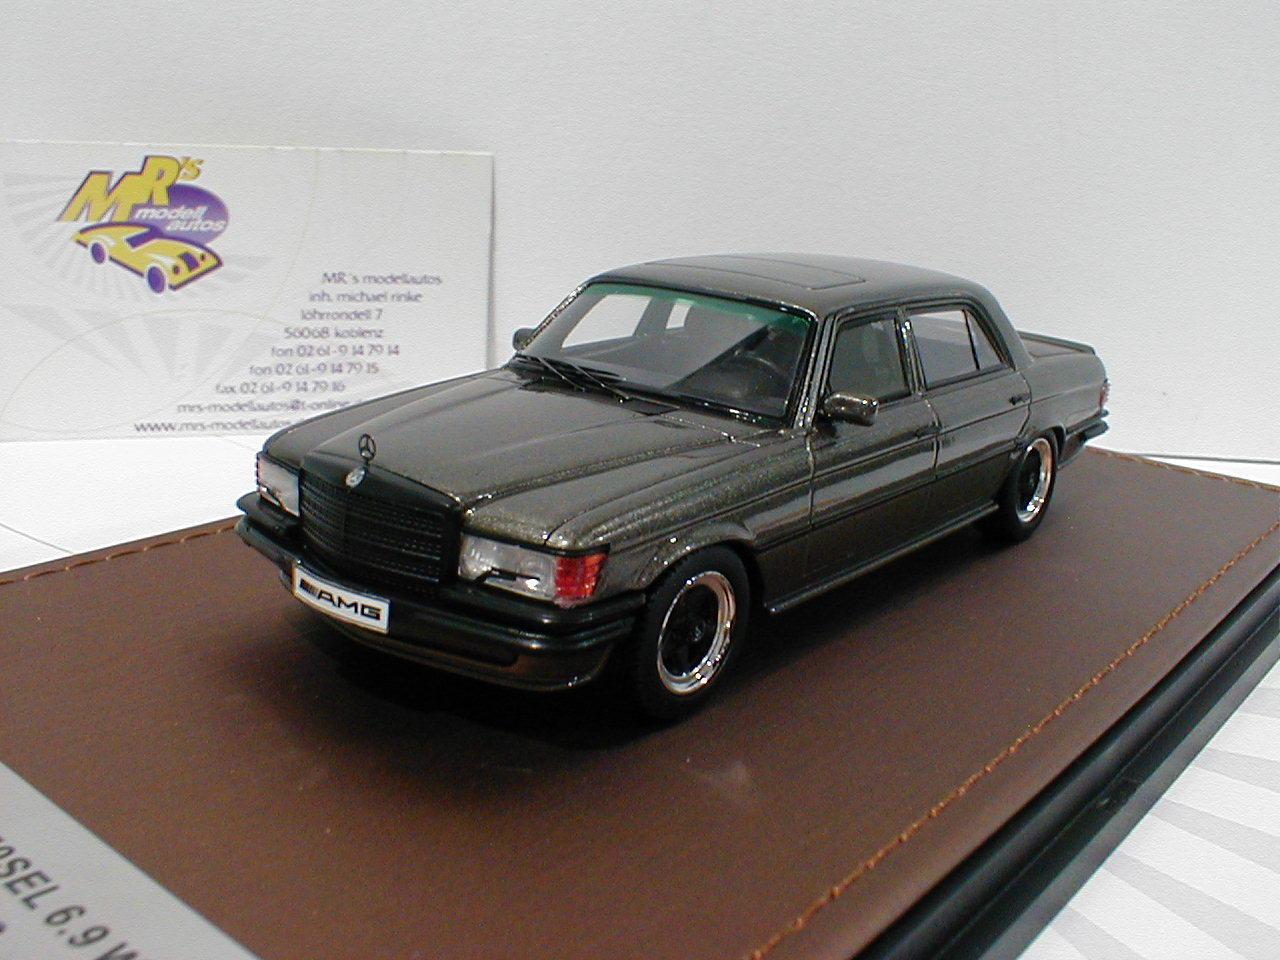 GLM 206001-MERCEDES BENZ AMG w116 6.9 anno di costruzione 1988  marrone metallizzato  1:43 NUOVO